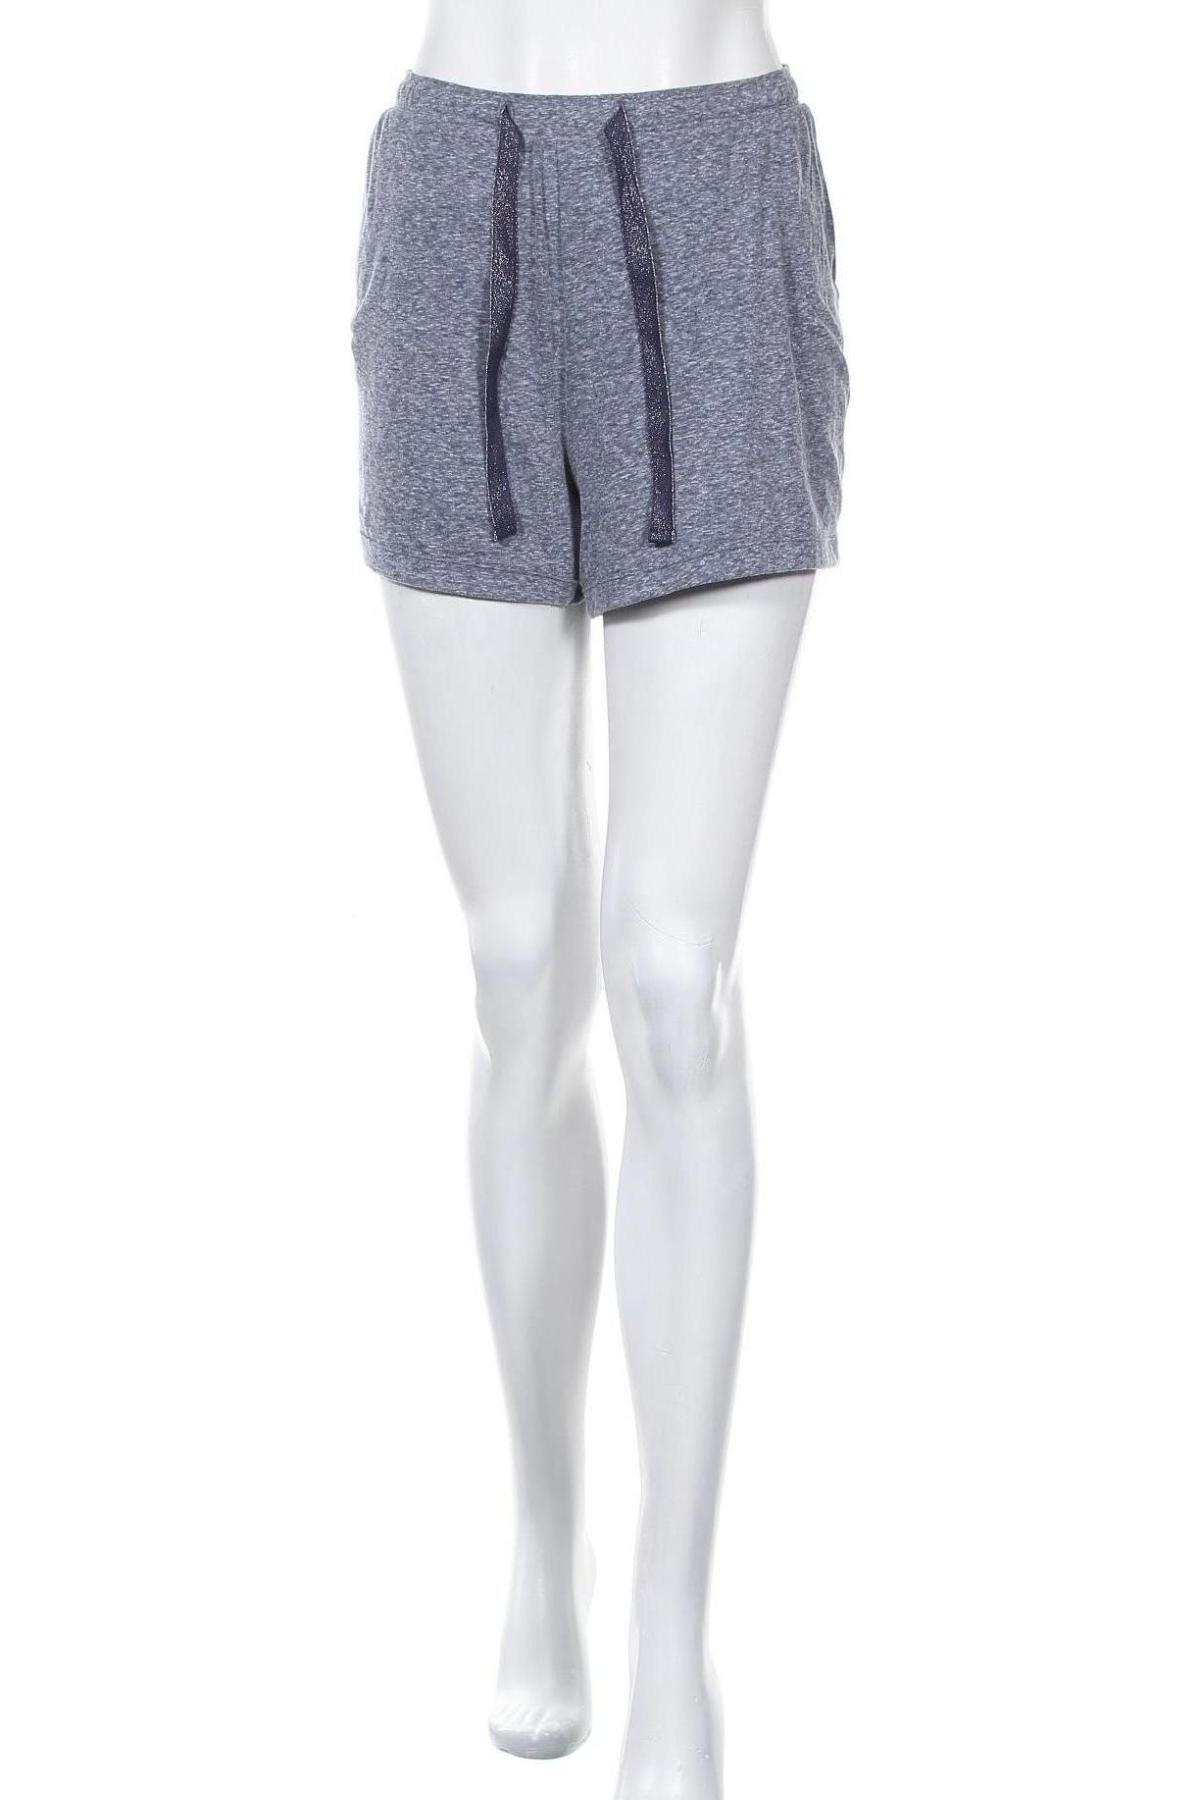 Γυναικείο κοντό παντελόνι S.Oliver, Μέγεθος L, Χρώμα Μπλέ, 50% πολυεστέρας, 38% βαμβάκι, 12% βισκόζη, Τιμή 15,59€